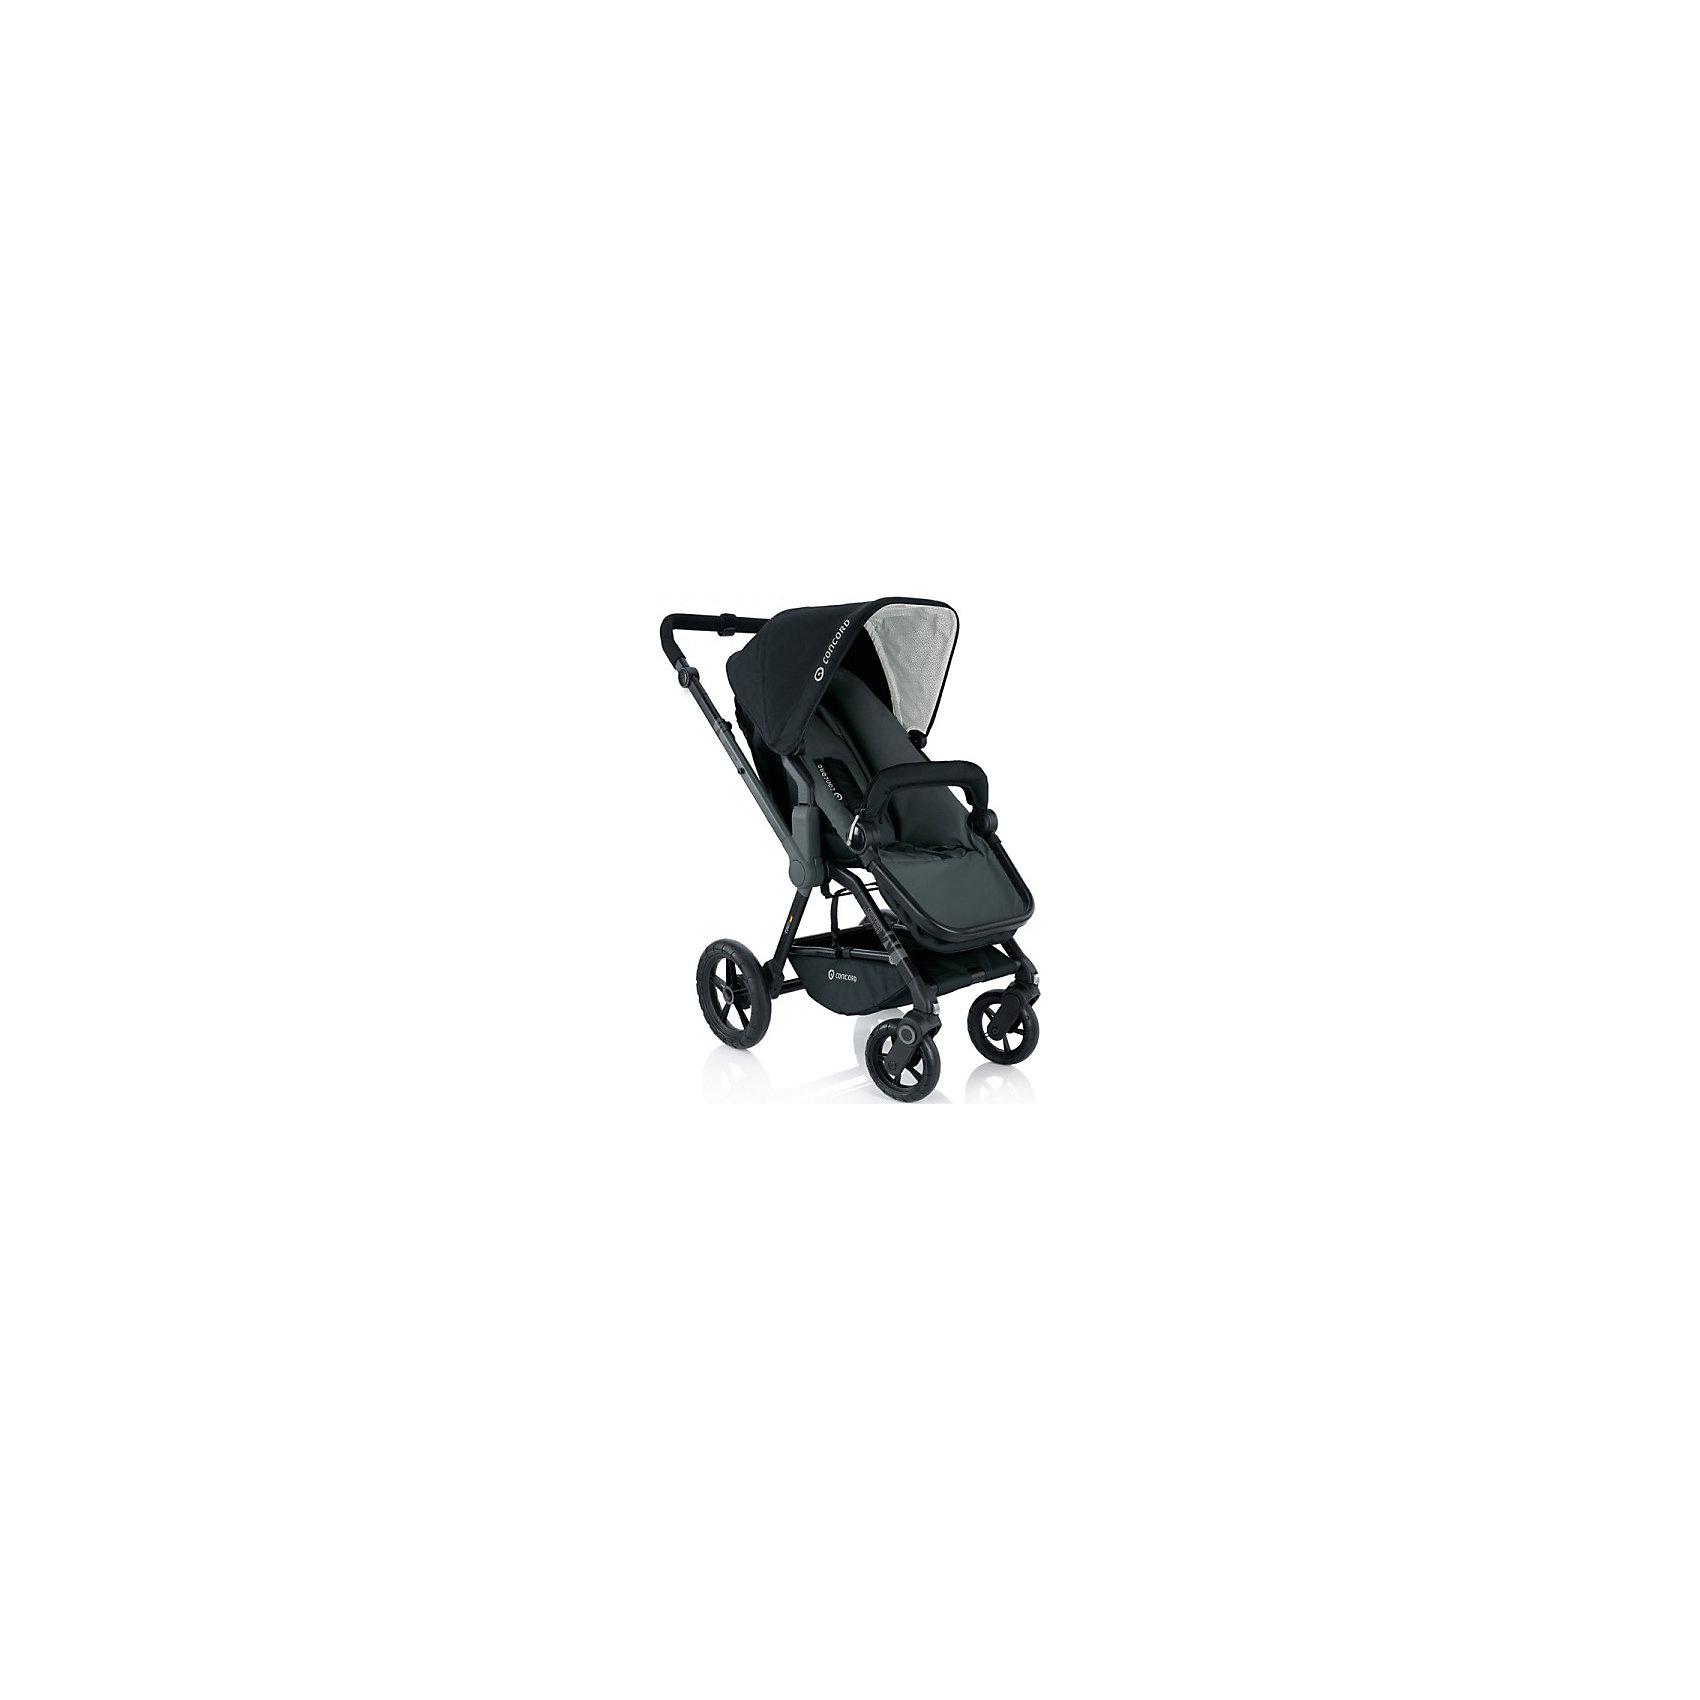 Прогулочная коляска Wanderer, Concord, Phantom BlackПрогулочная коляска Wanderer, Concord, Phantom Black<br><br>Характеристики коляски Concord Wanderer:<br><br>• возраст ребенка: от 6 месяцев до 3-х лет;<br>• вес ребенка: до 15 кг;<br>• количество положений спинки: 3, вплоть до горизонтального;<br>• наличие 5-ти точечных ремней безопасности с мягкими накладками;<br>• регулируемая подножка;<br>• реверсивный блок (возможность установить прогулочный блок как лицом к маме, так и лицом к окружающему миру);<br>• высота ручки коляски регулируется, тип ручки – цельная;<br>• перекидная ручка коляски;<br>• бампер съемный;<br>• чехлы съемные, допускается стирка при температуре 30 градусов;<br>• наличие амортизаторов делают ход коляски мягким и плавным;<br>• положение капюшона регулируется в 4-х положениях, предусмотрена УФ-защиту 50+;<br>• колеса с подшипниками, передние поворотные с функцией блокировки, задние колеса большего диаметра;<br>• тип тормоза: ножной;<br>• тип складывания: книжка.<br><br>Прогулочная коляска Concord Wanderer имеет просторное прогулочное сиденье со спинкой, опускающейся до горизонтального положения, глубокий капюшон, съемный бампер. Прогулочный блок можно установить в 2-х положениях. Цельная ручка коляски регулируется по высоте. Колеса вращаются на 360 градусов, задние зафиксированы. <br><br>На шасси Concord можно установить люльку для новорожденного Concord Sleeper и детское автокресло Concord Air. <br><br>Обратите внимание: данные аксессуары приобретаются отдельно.<br><br>Размеры коляски Конкорд:<br><br>• ширина сиденья: 33 см;<br>• высота спинки: 45 см;<br>• длина спального места: 75 см;<br>• высота ручки: 73-102 см;<br>• размер коляски в разложенном виде: 104x60x102 см.<br>• размер в сложенном виде: 69x50x39 см.<br>• вес: 13,5 кг.<br><br>Комплектация: <br><br>• прогулочный блок с капюшоном и бампером;<br>• шасси с колесами;<br>• накидка на ножки;<br>• дождевик;<br>• инструкция. <br><br>Прогулочную коляску Wanderer, Concord, Phantom Black можно куп